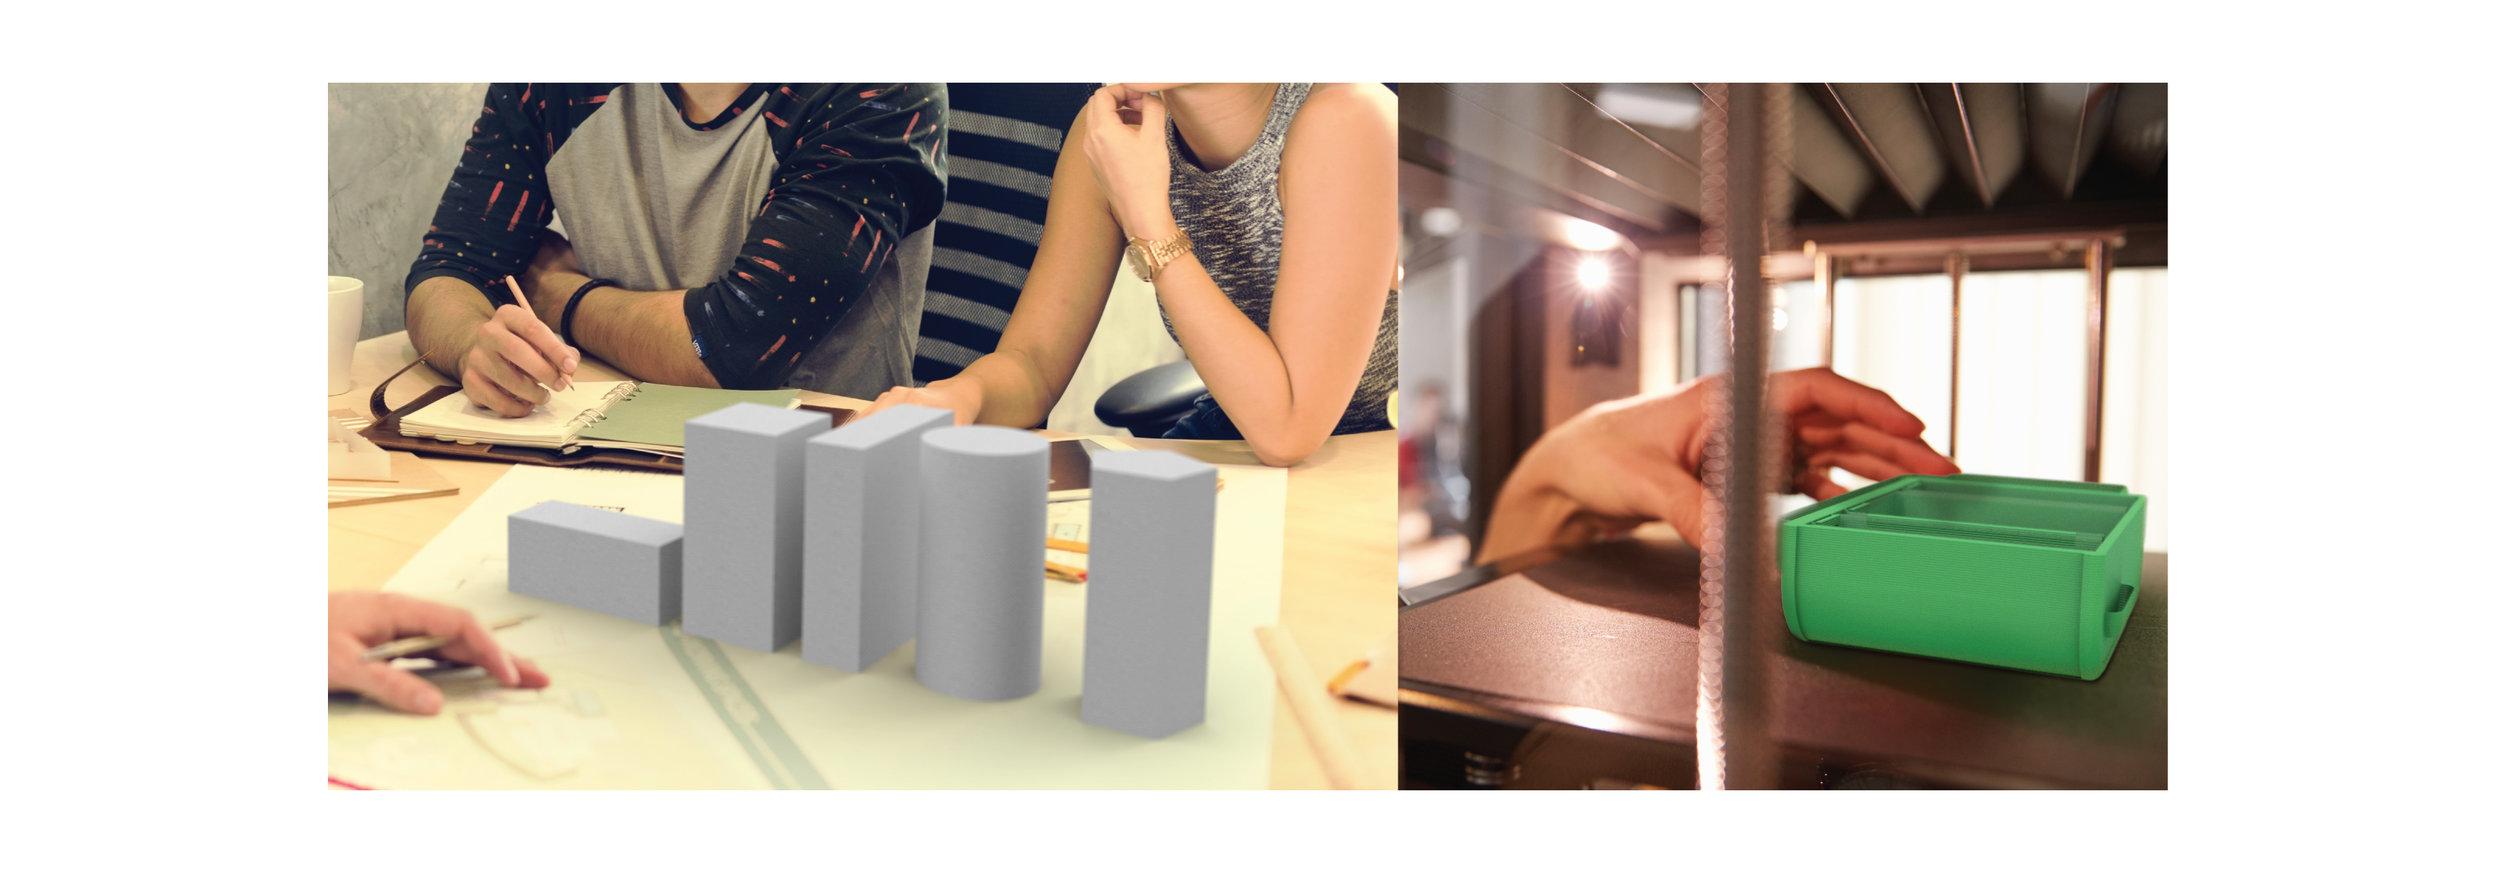 Foodbox-designprocess.jpg